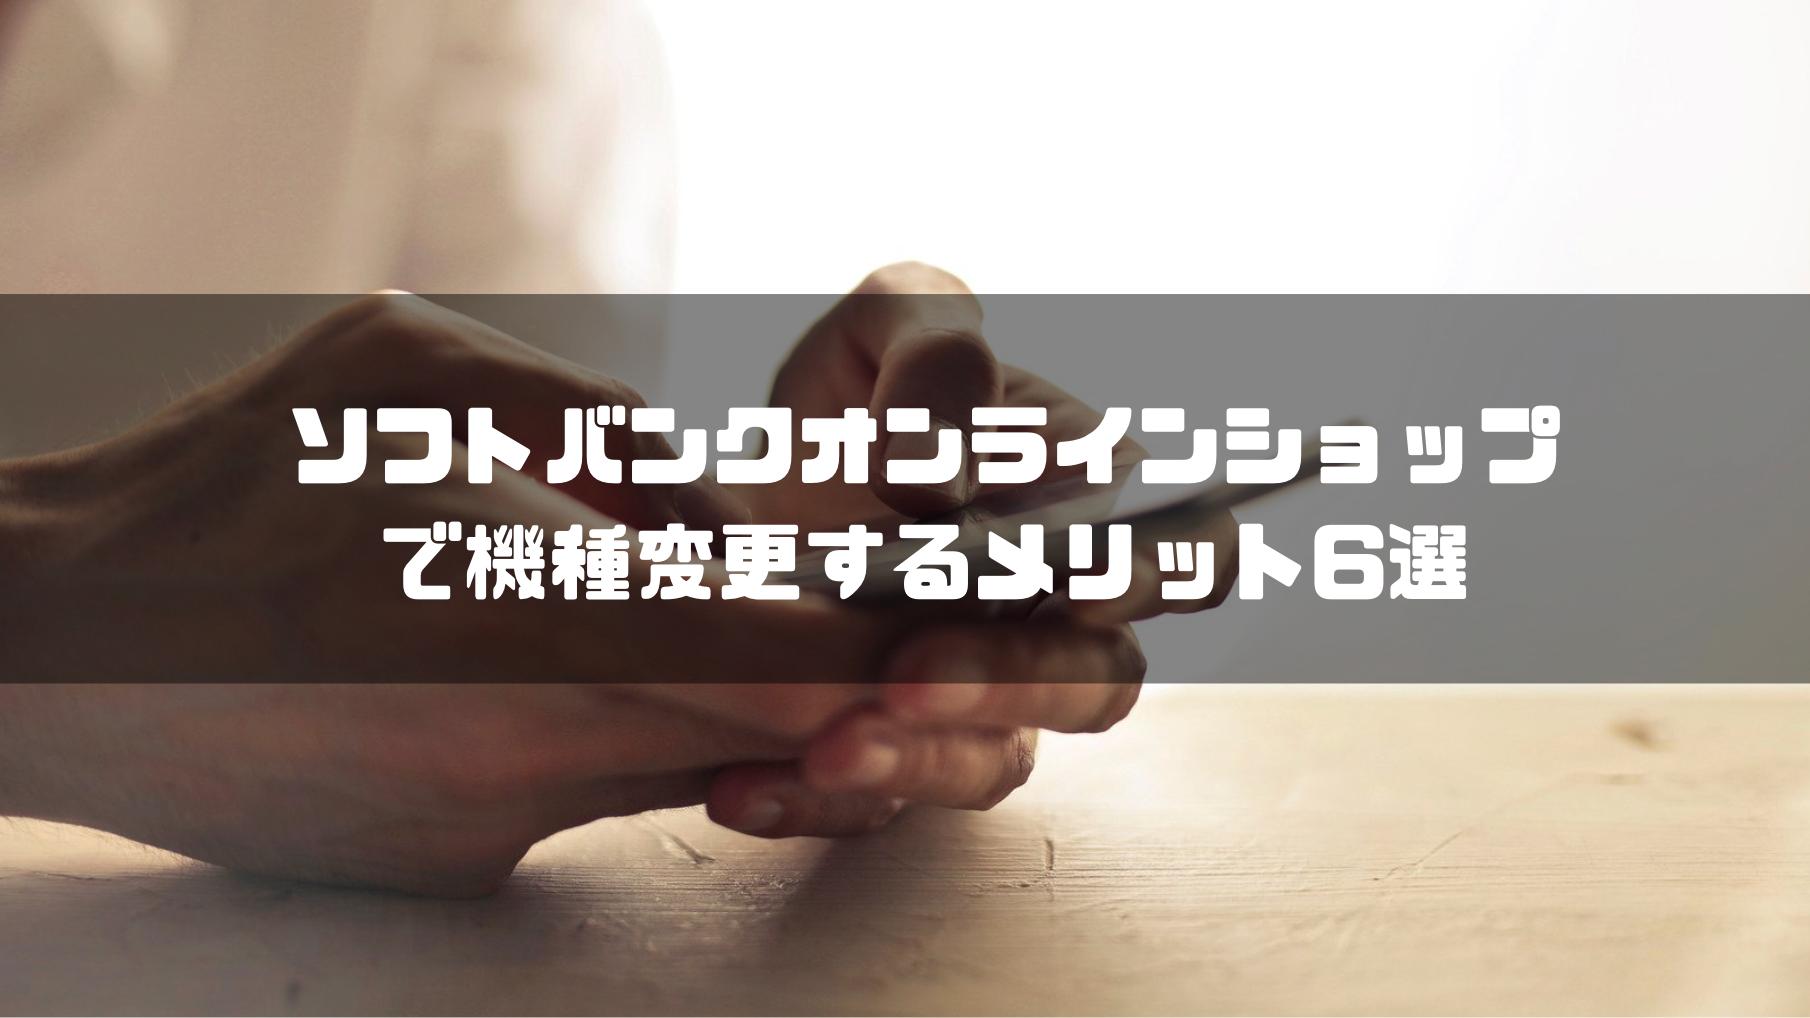 ソフトバンクオンラインショップ_Softbank_ソフトバンク_メリット_オンラインショップ限定_6選